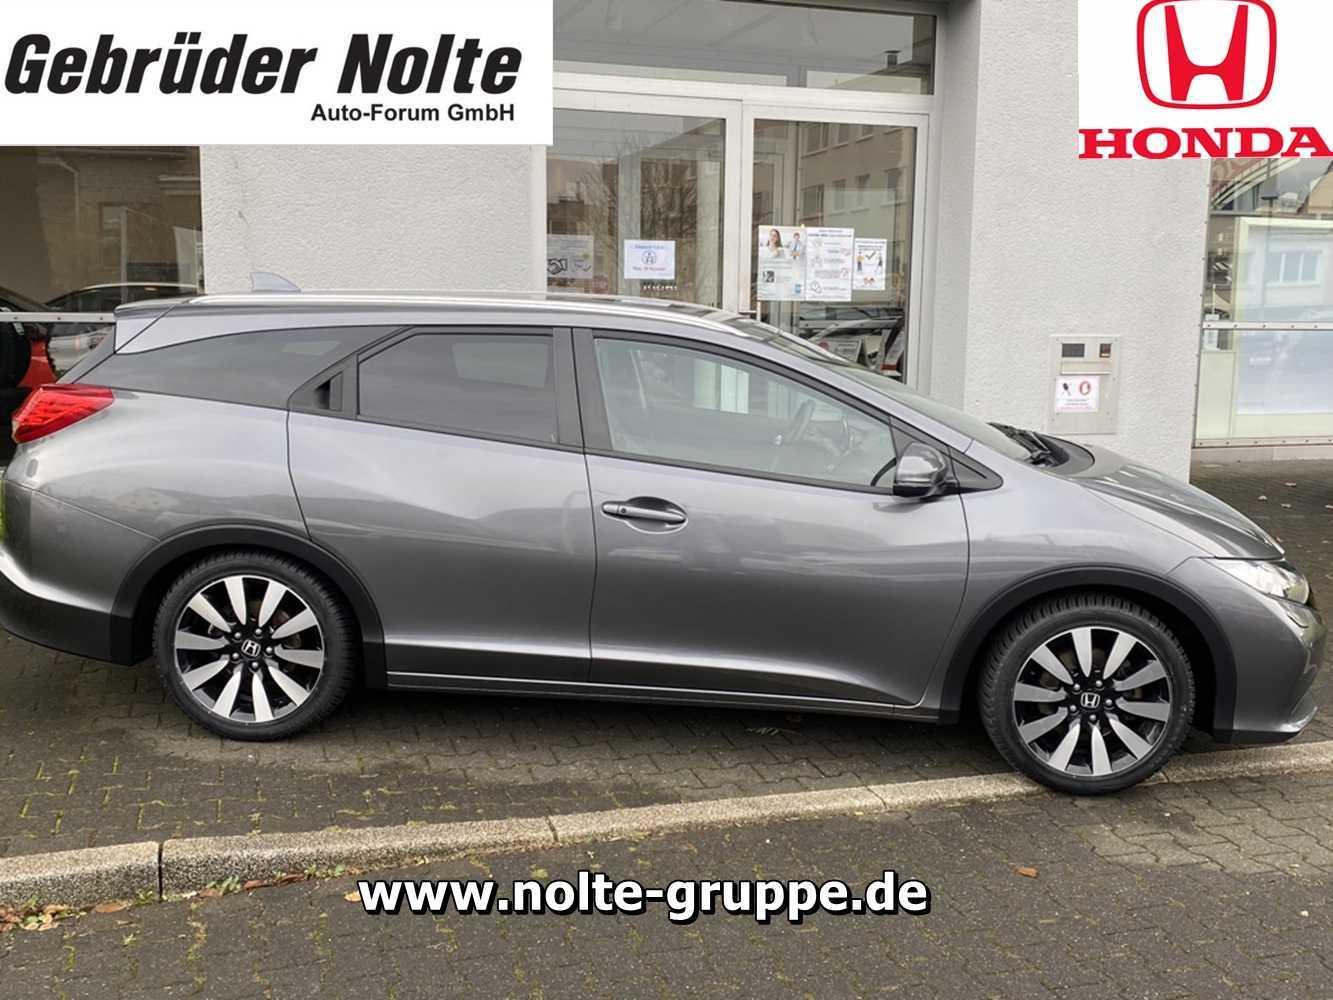 Honda Civic Tourer 1.8 i-VTEC Executive | Xenon | Lederausstattung, Jahr 2014, Benzin